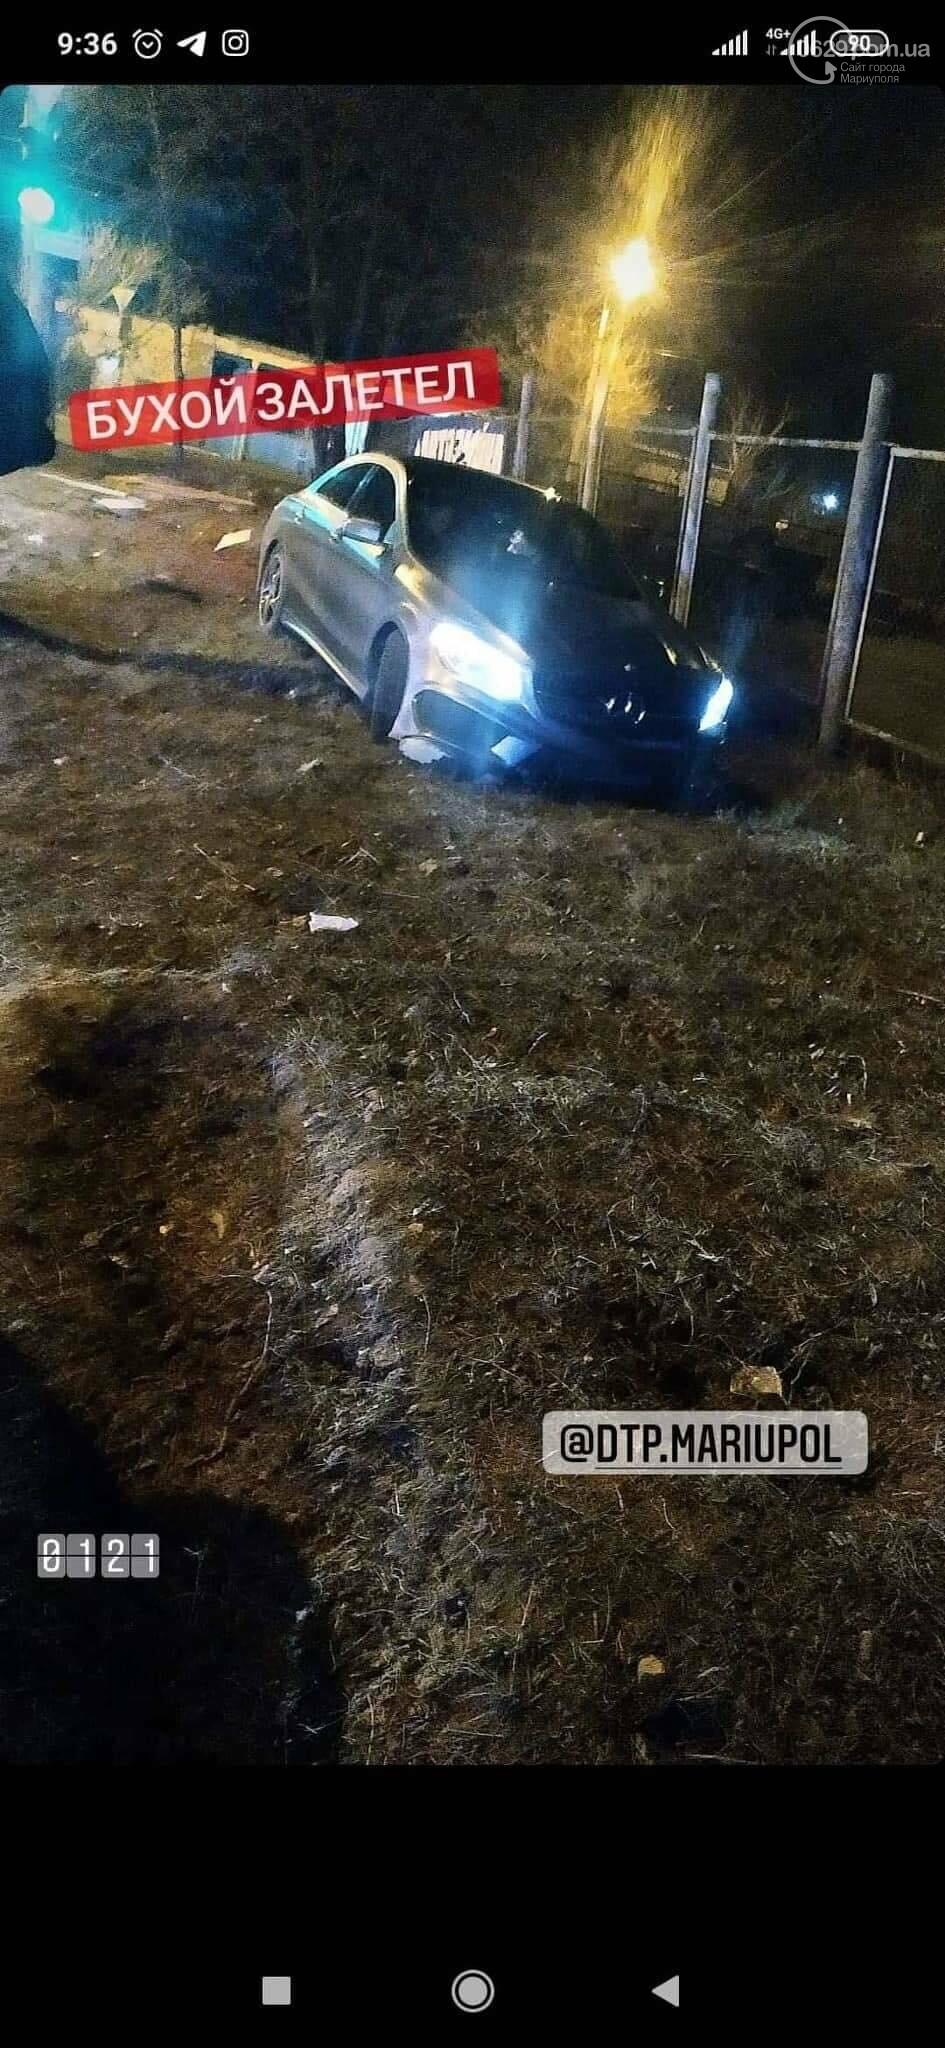 """В Мариуполе пьяный водитель на новом """"Мерседесе"""" снес дорожный знак, - ФОТО, фото-2"""